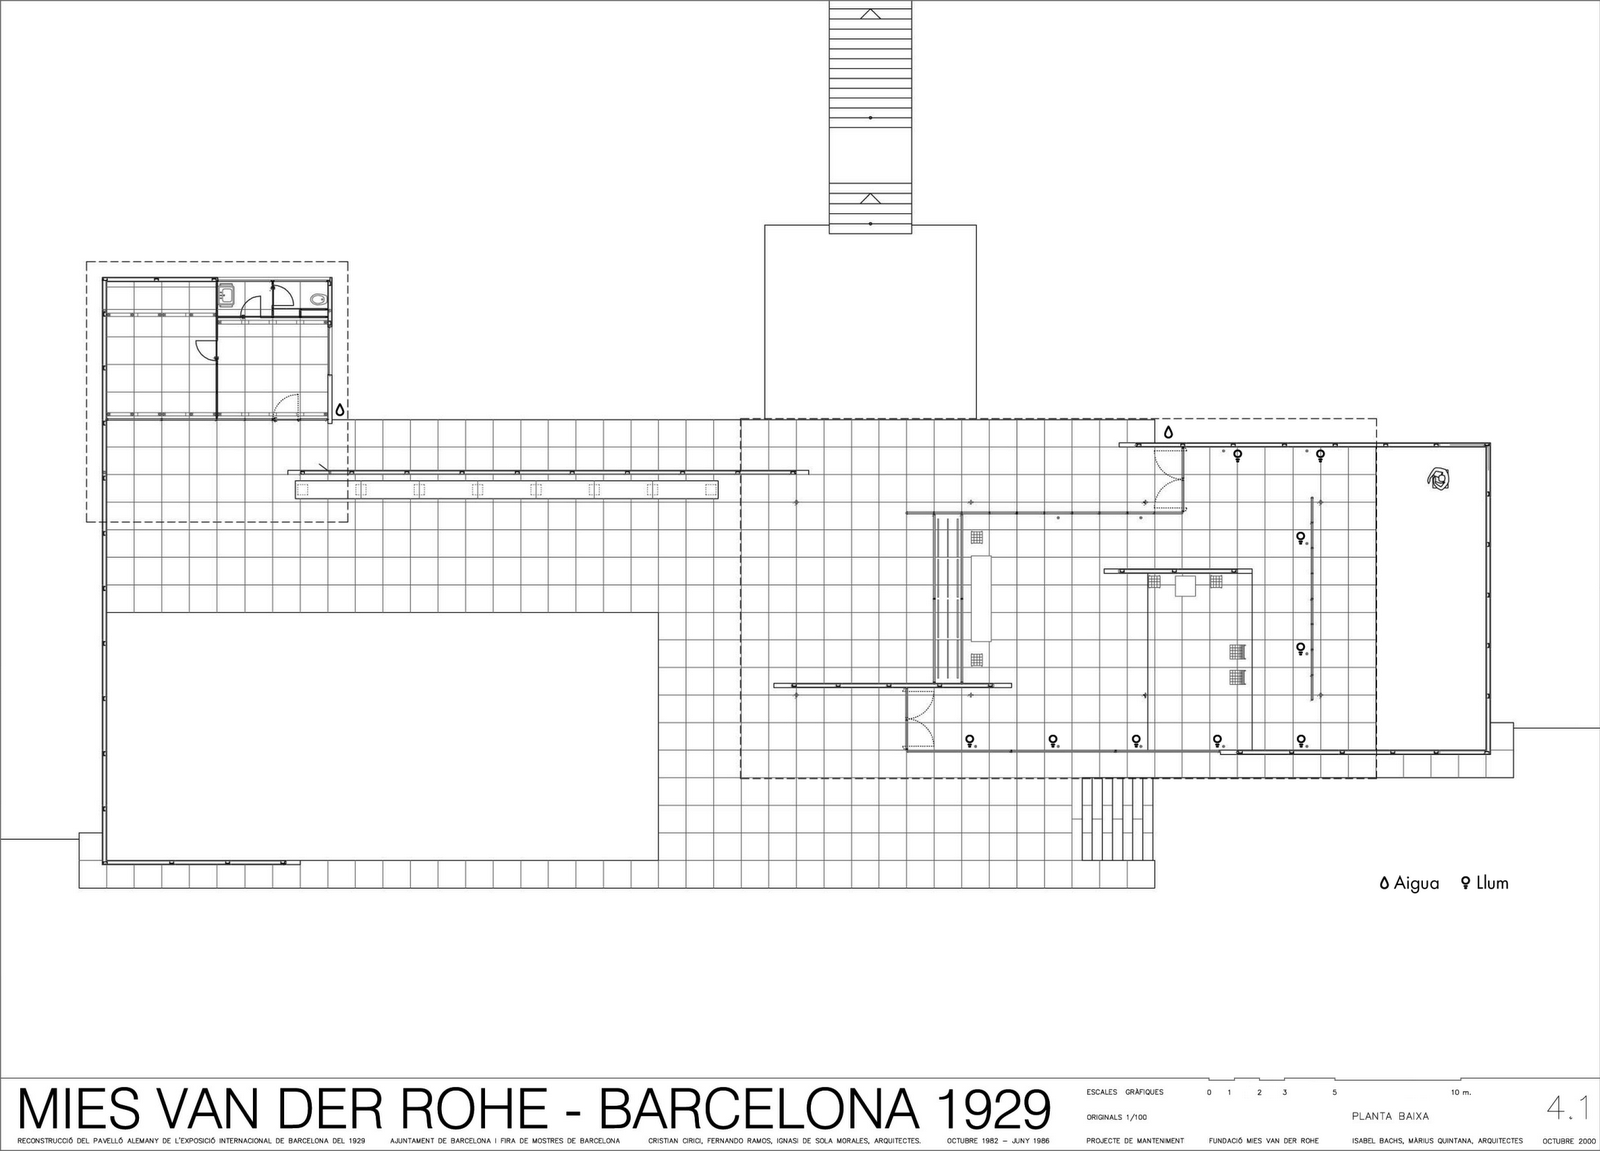 the monotony of domesticity u p s e t t h e o r d e r barcelona pavilion floor plan dimensions pavilion home